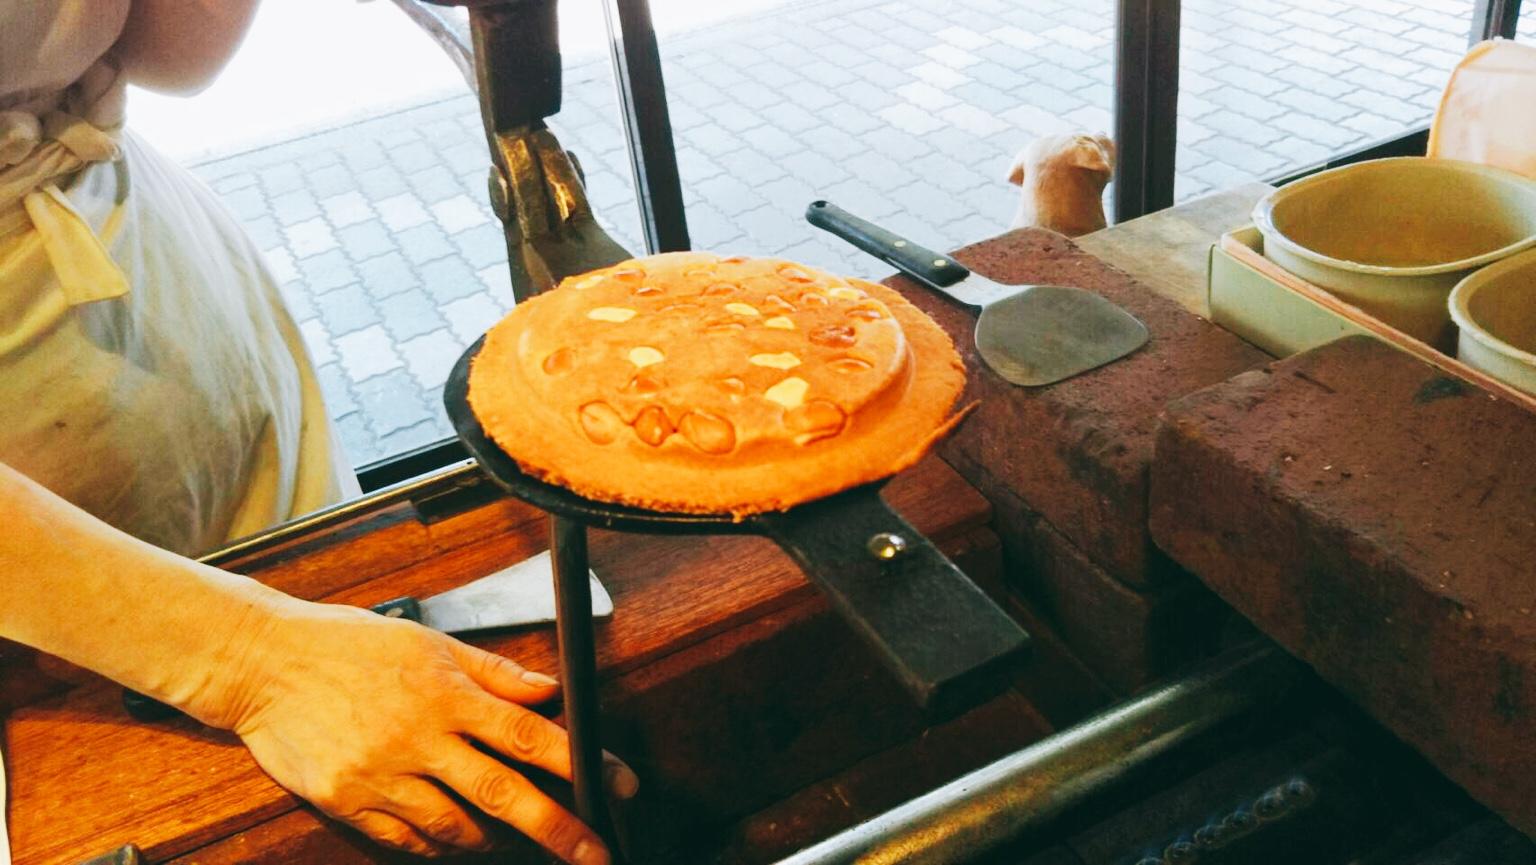 盛岡手づくり村でせんべい作り in 岩手県